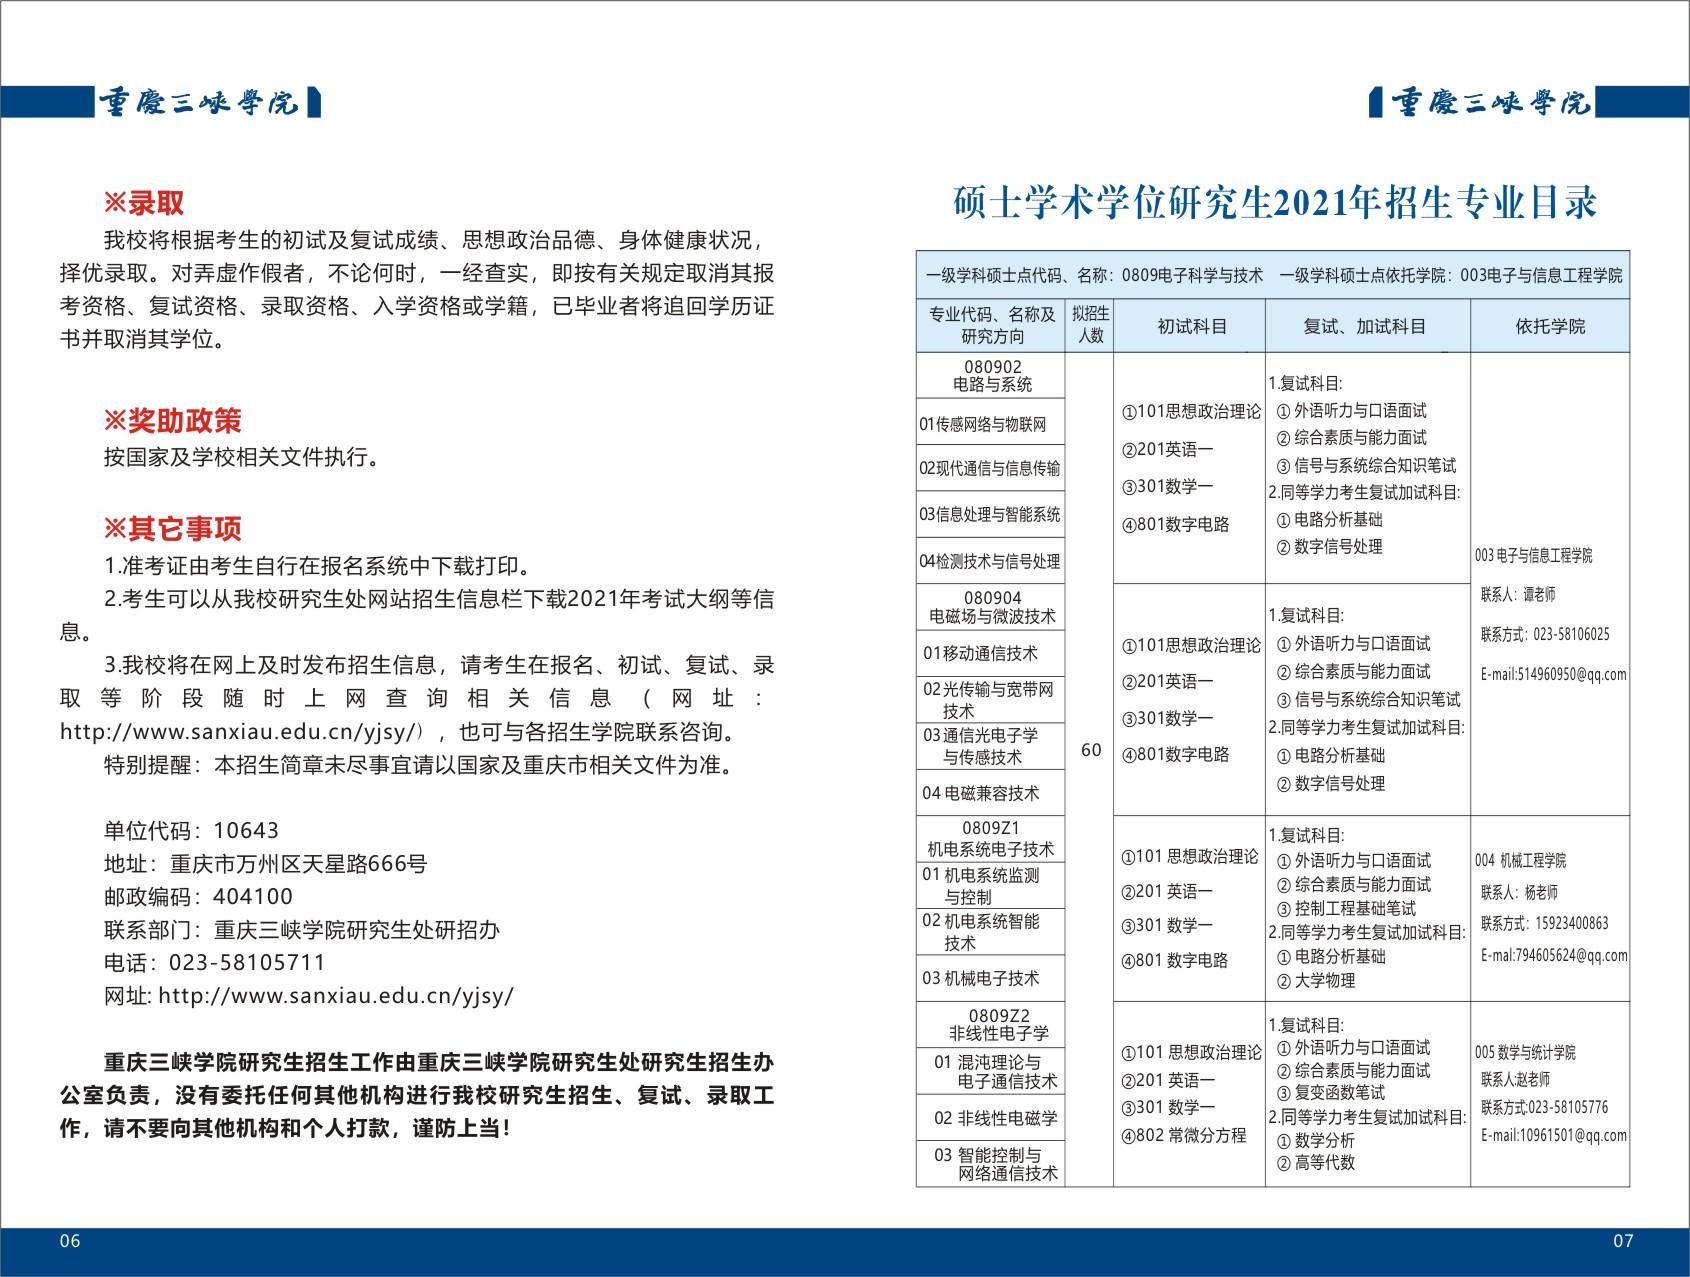 2021考研招生简章:重庆三峡学院硕士研究生招简